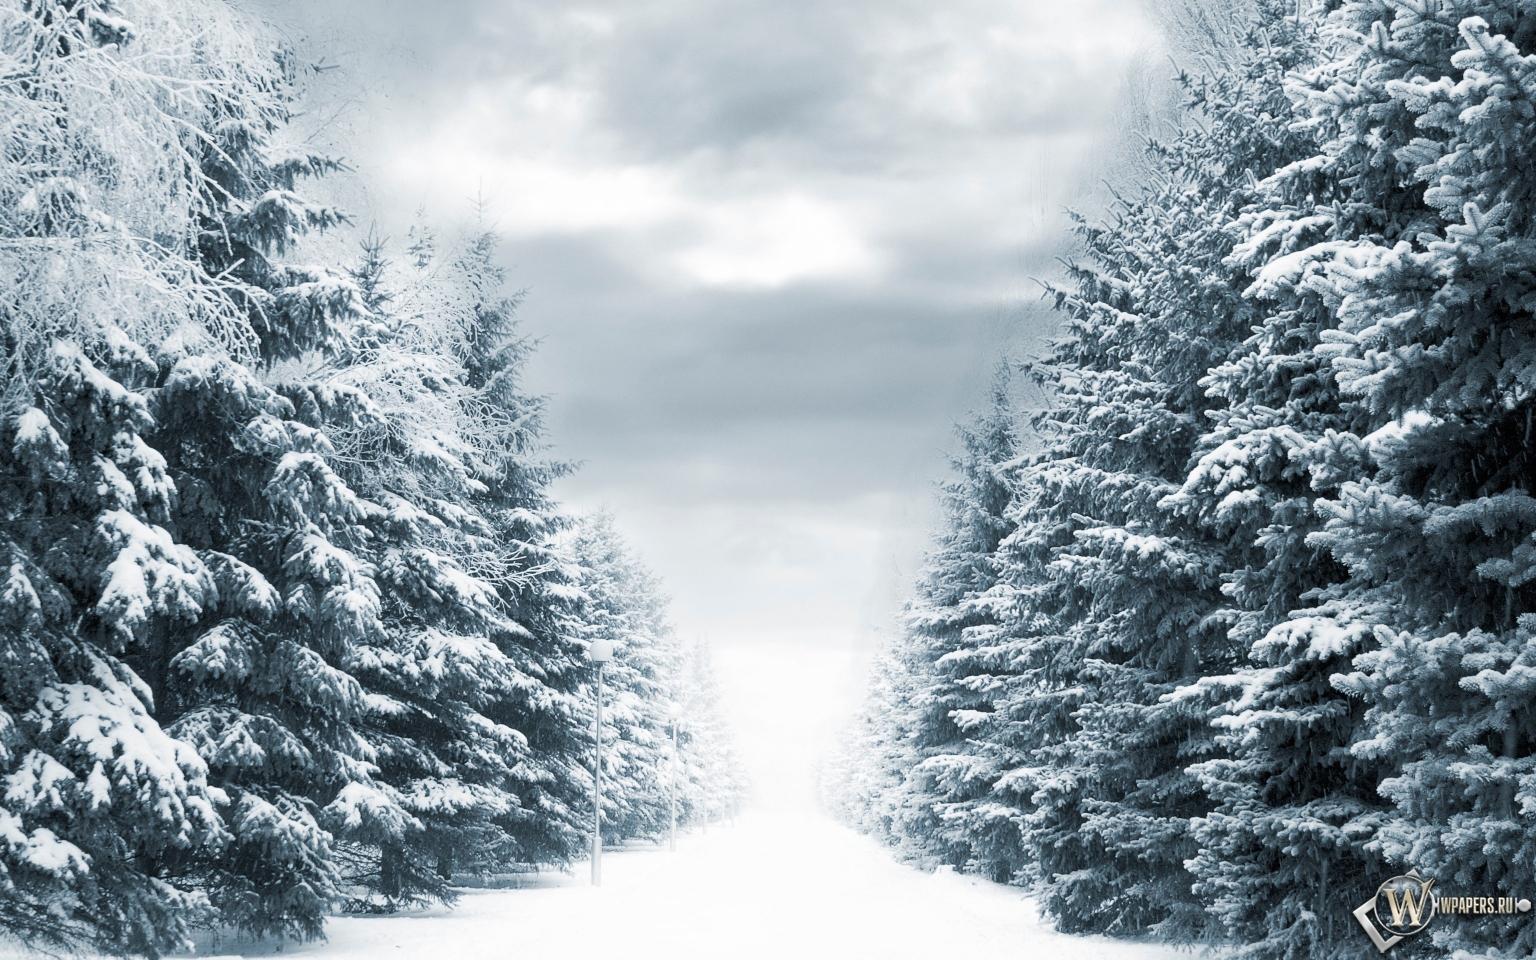 Зимняя аллея 1536x960